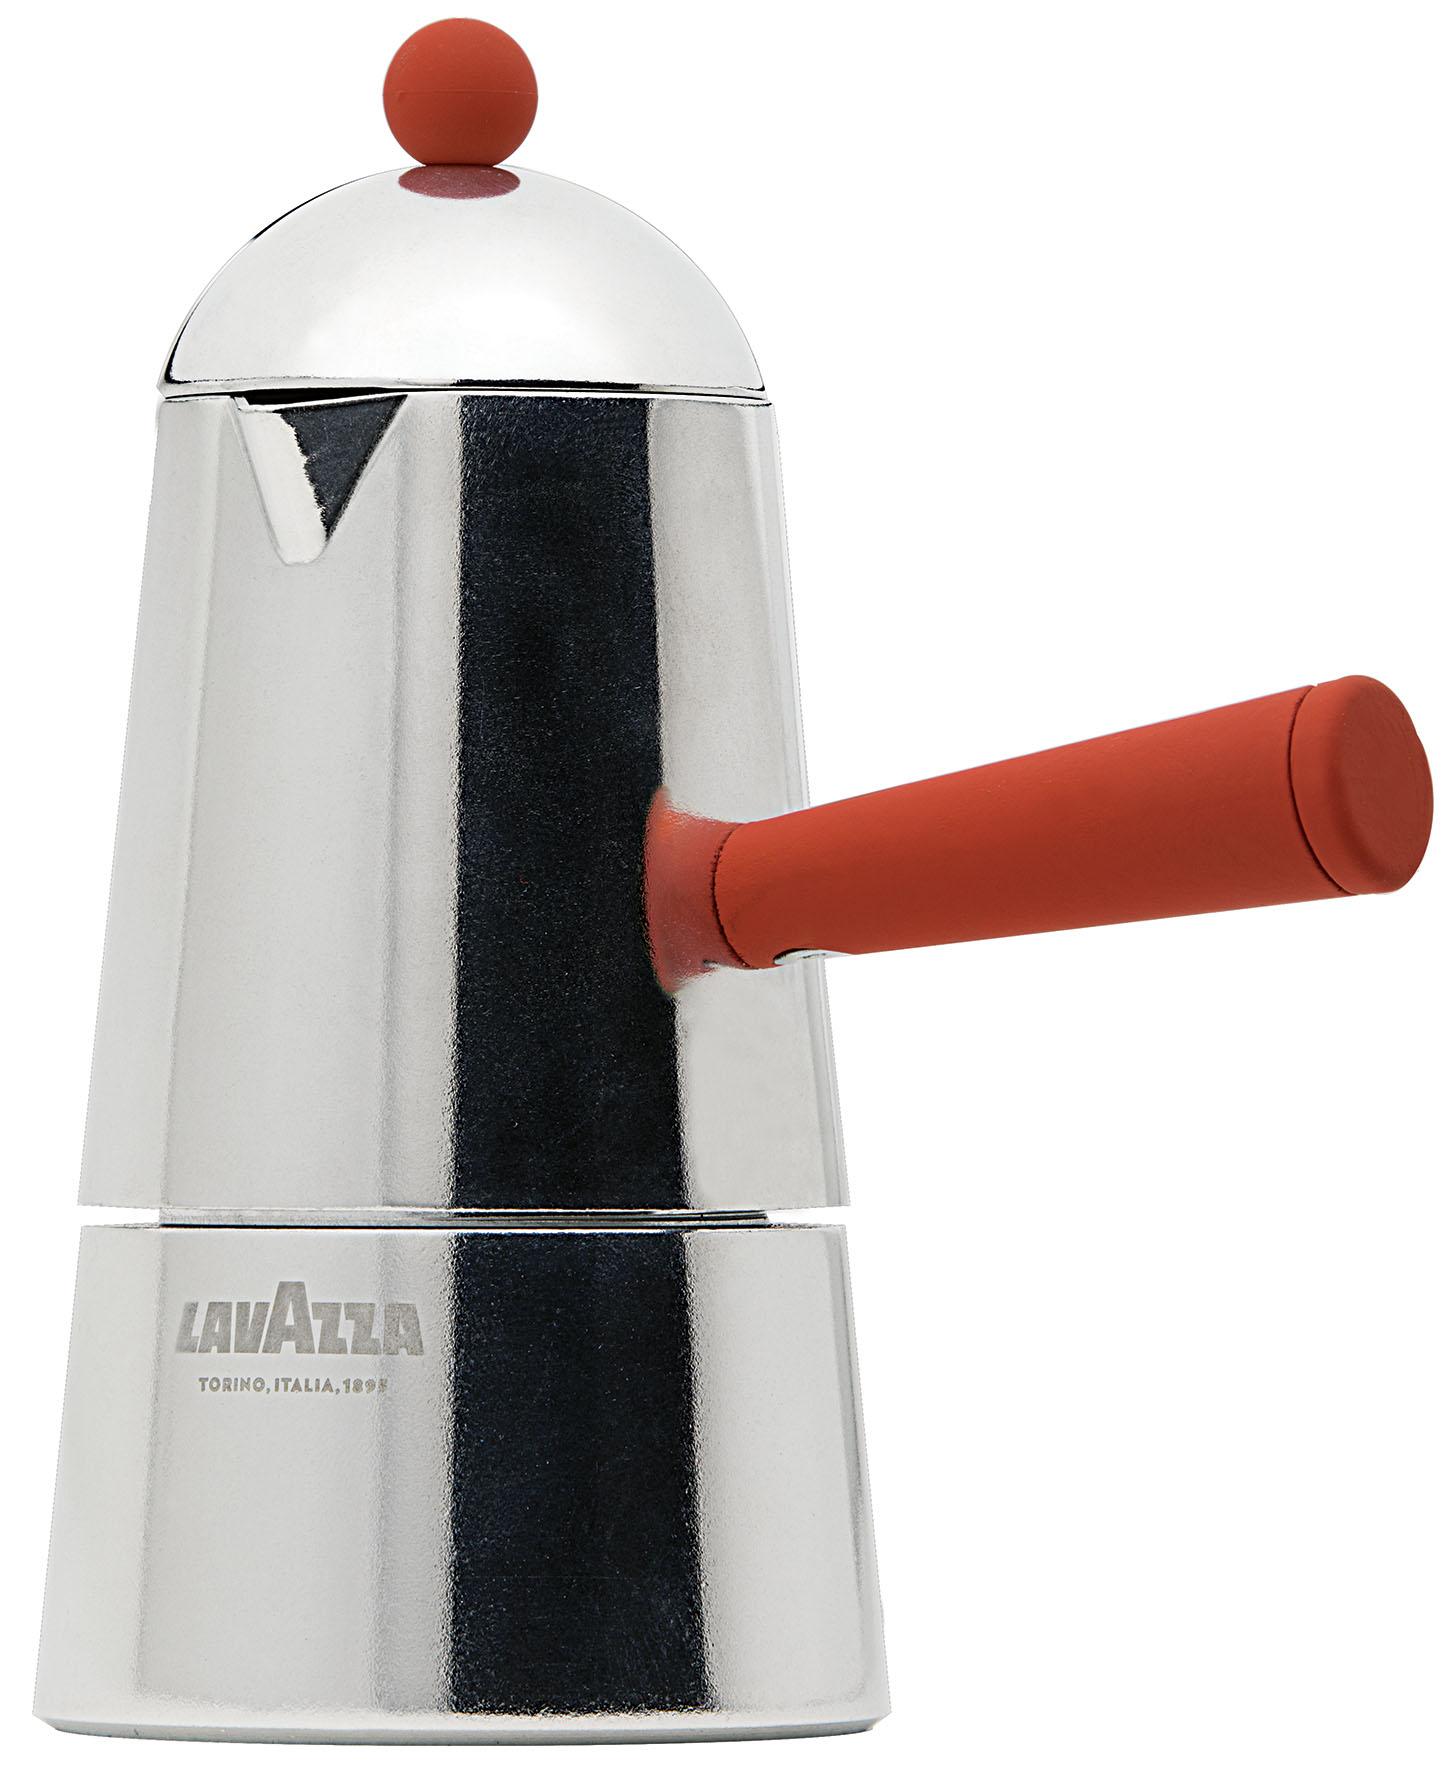 CAFFETT CARMENCITA POP TZ3 ROS